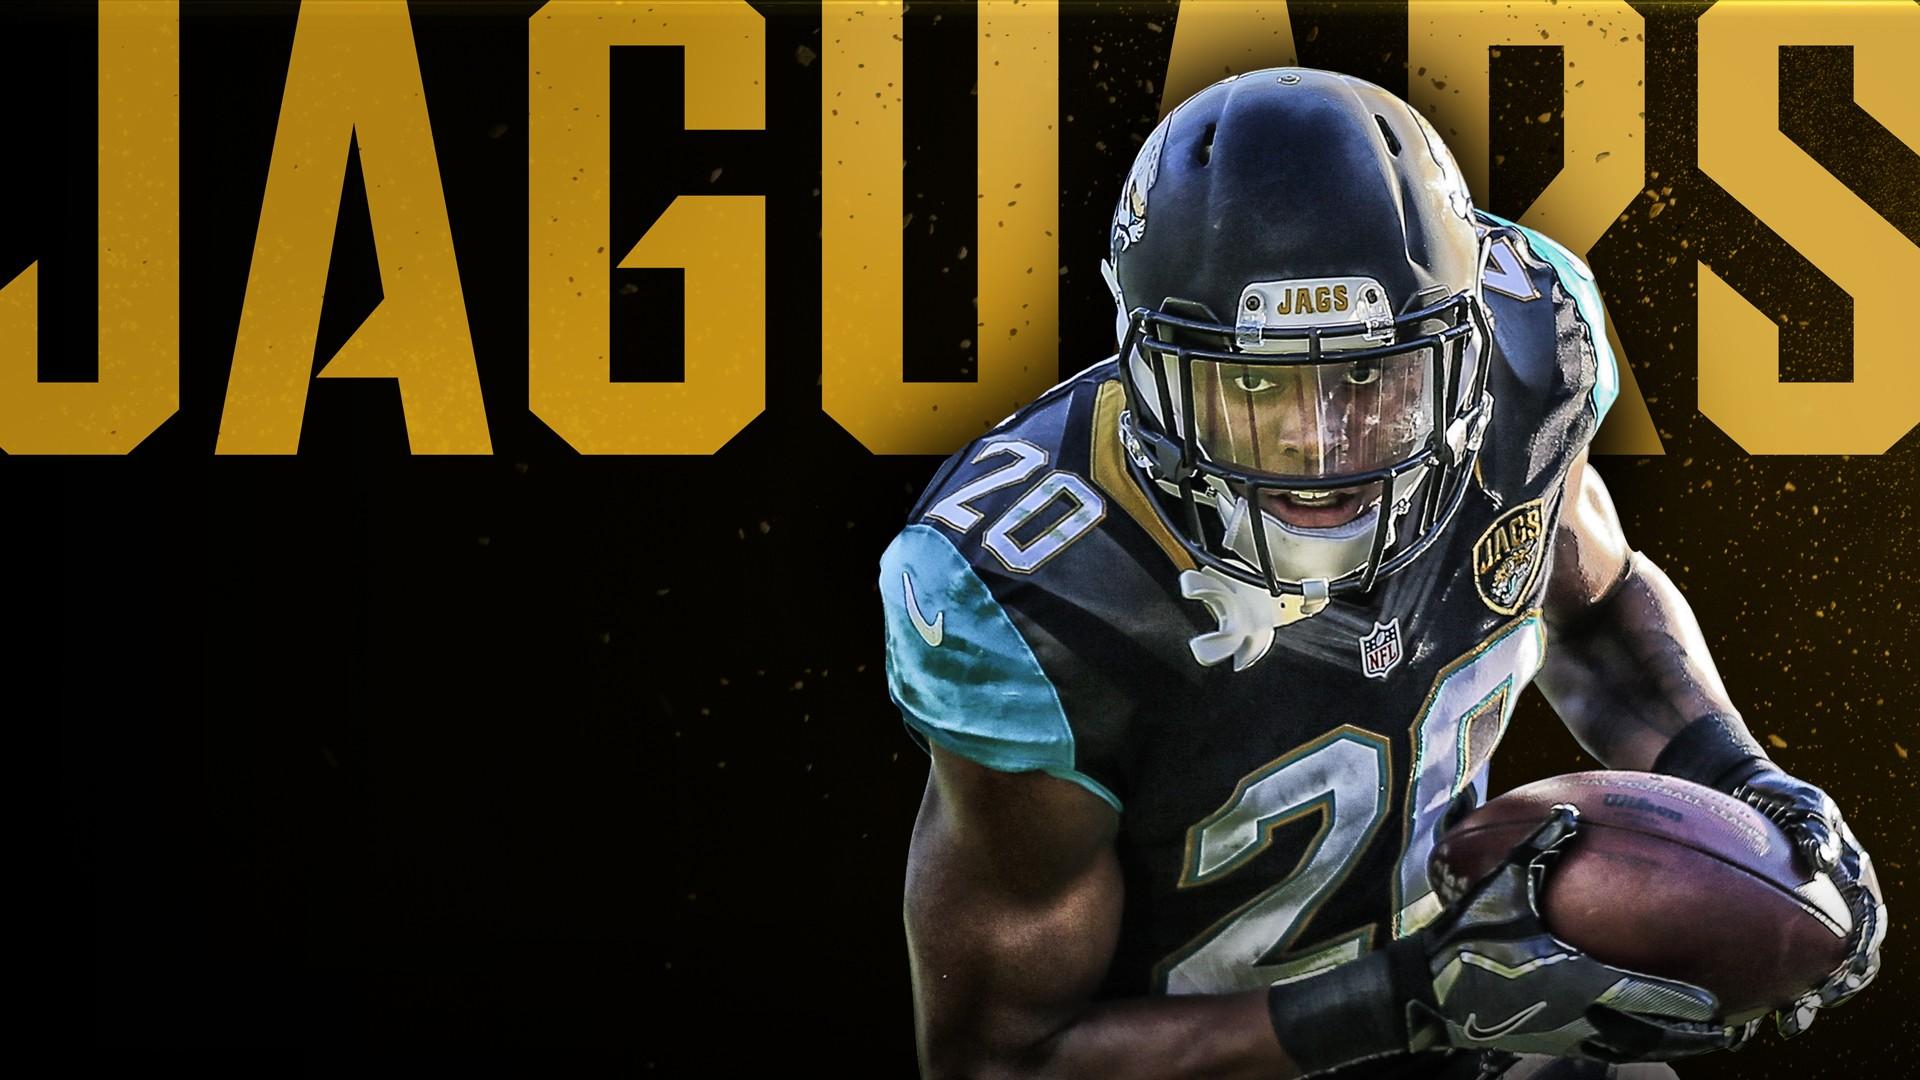 Jacksonville Jaguars Wallpaper For Mac Backgrounds 2019 NFL 1920x1080